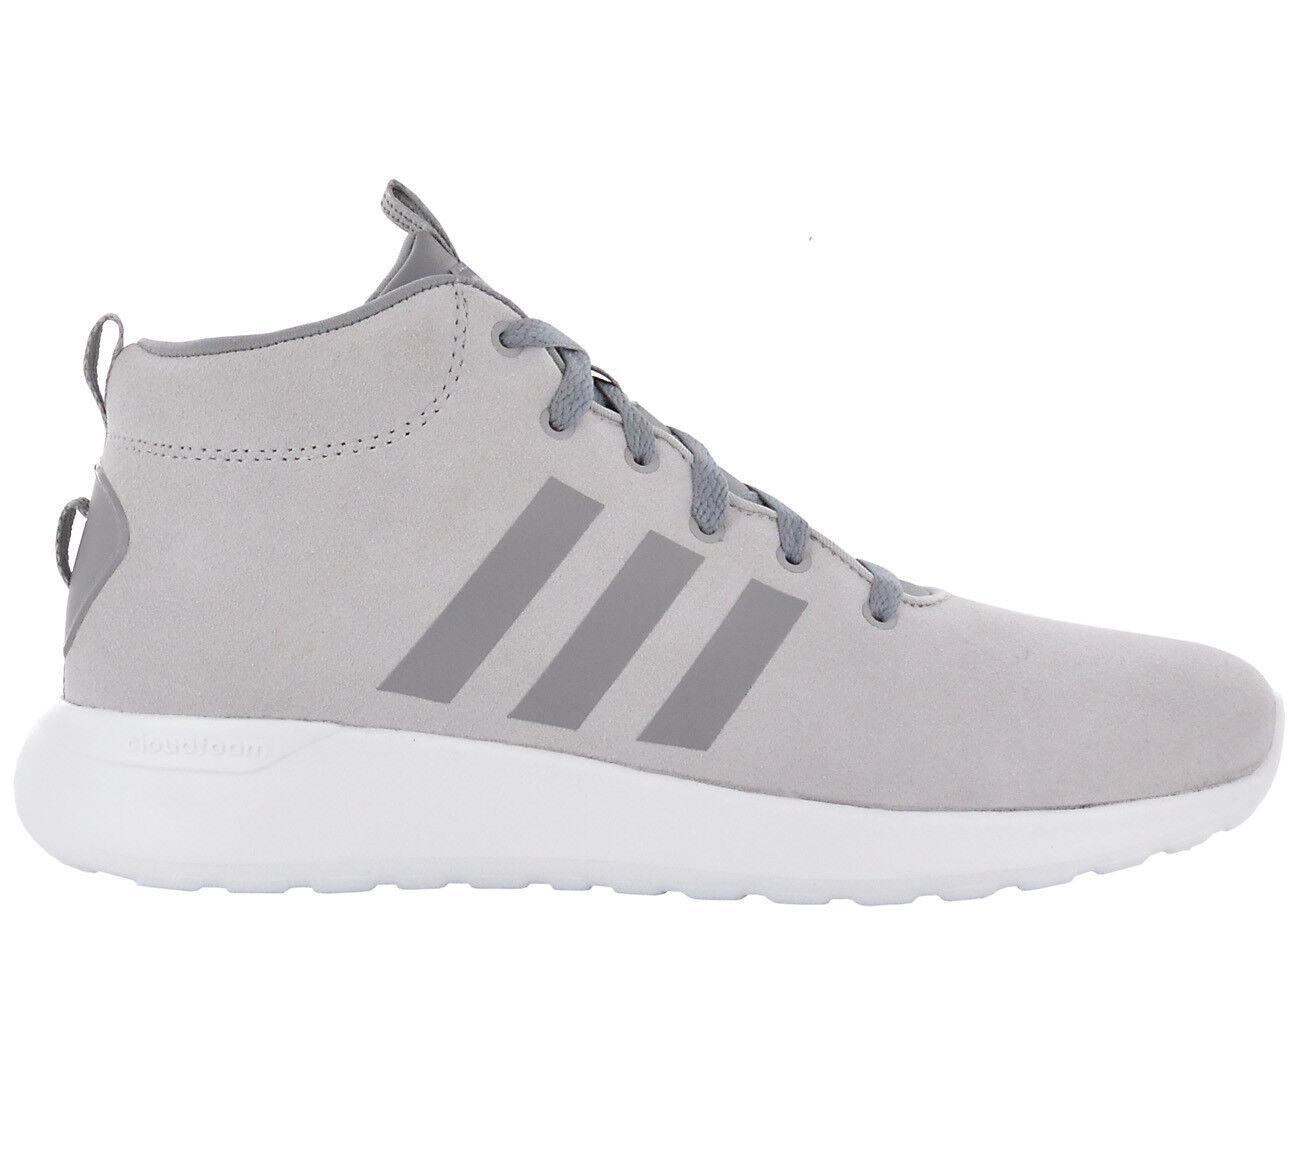 Adidas Originals Turnschuhe Herren Herren Herren Lifestyle Schuhe Freizeit Turnschuhe X PLR NMD 69e422